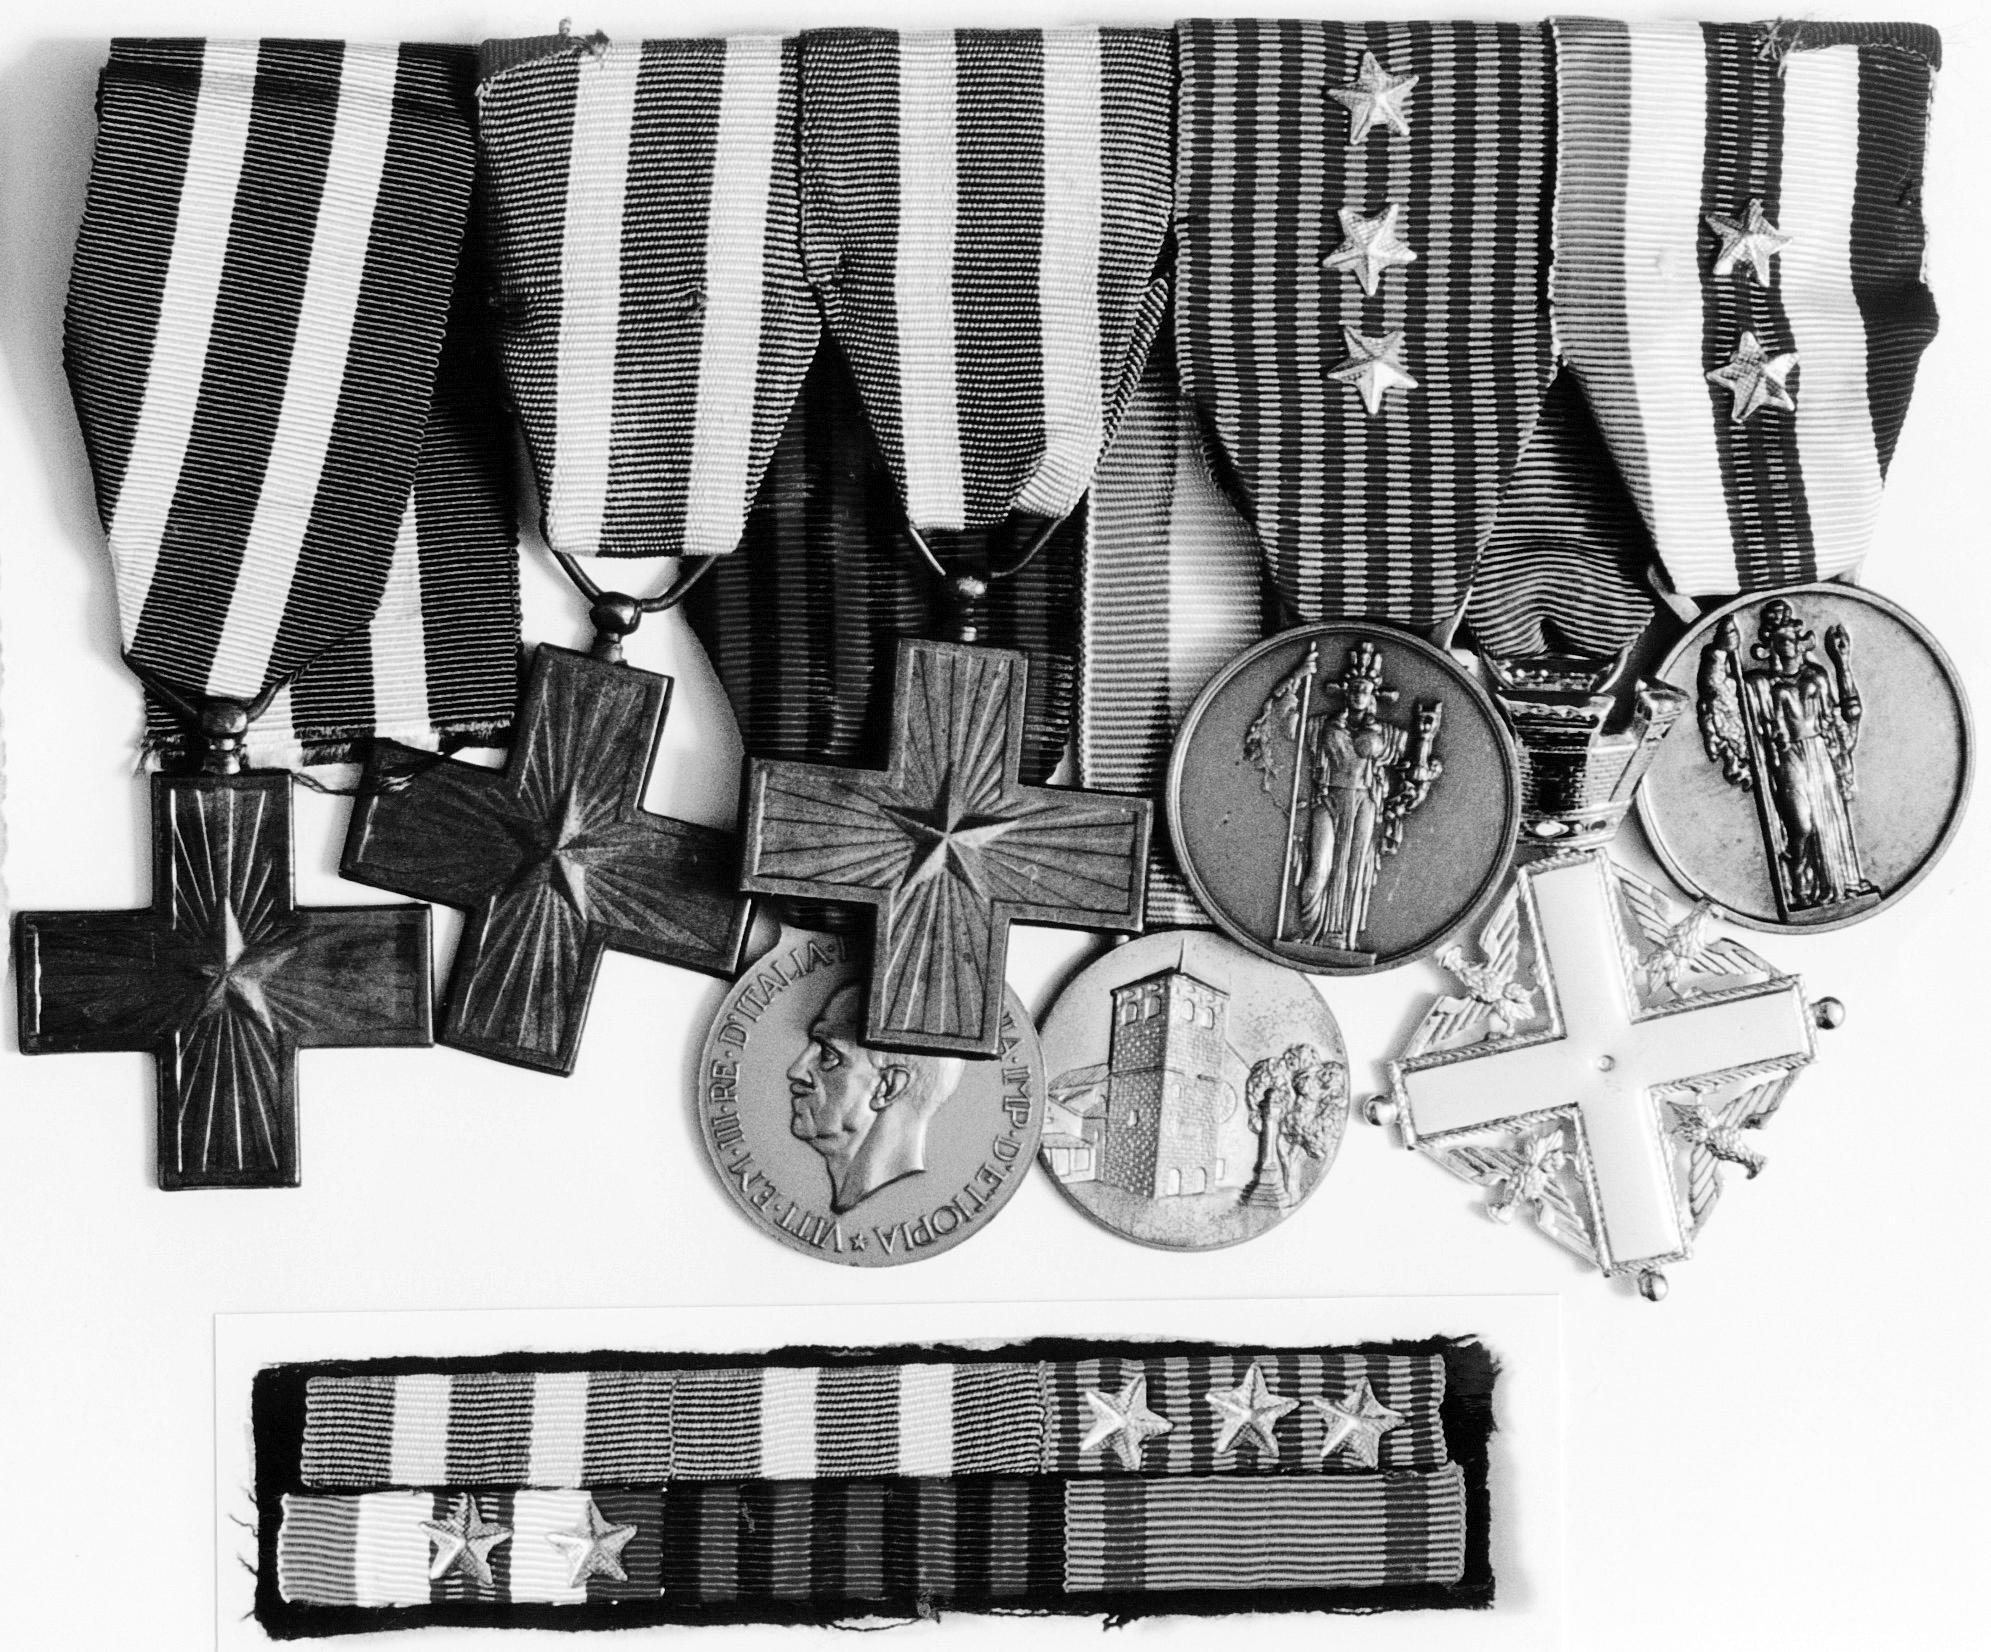 Decorazioni assegnate al Sergente Gallana Mario per essersi distinto nelle operazioni di guerra.